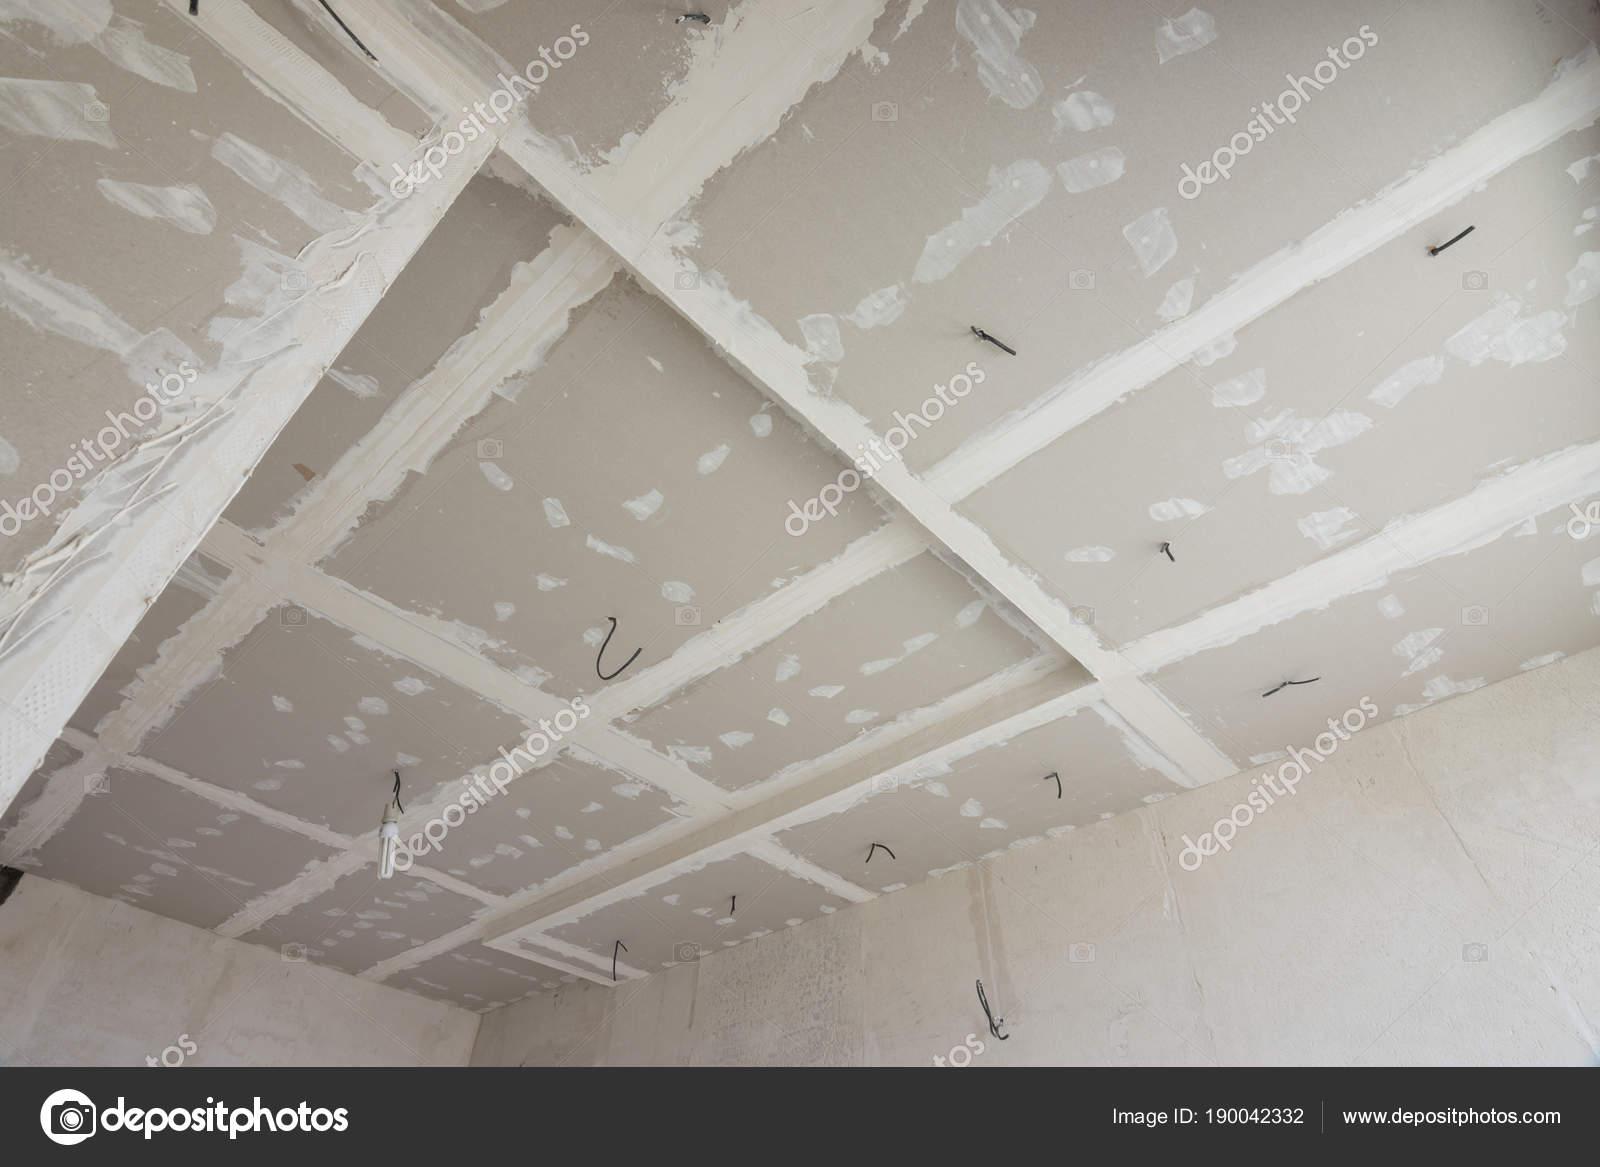 El techo de la habitaci n cubierta con laminas de drywall for Techos en drywall para habitaciones